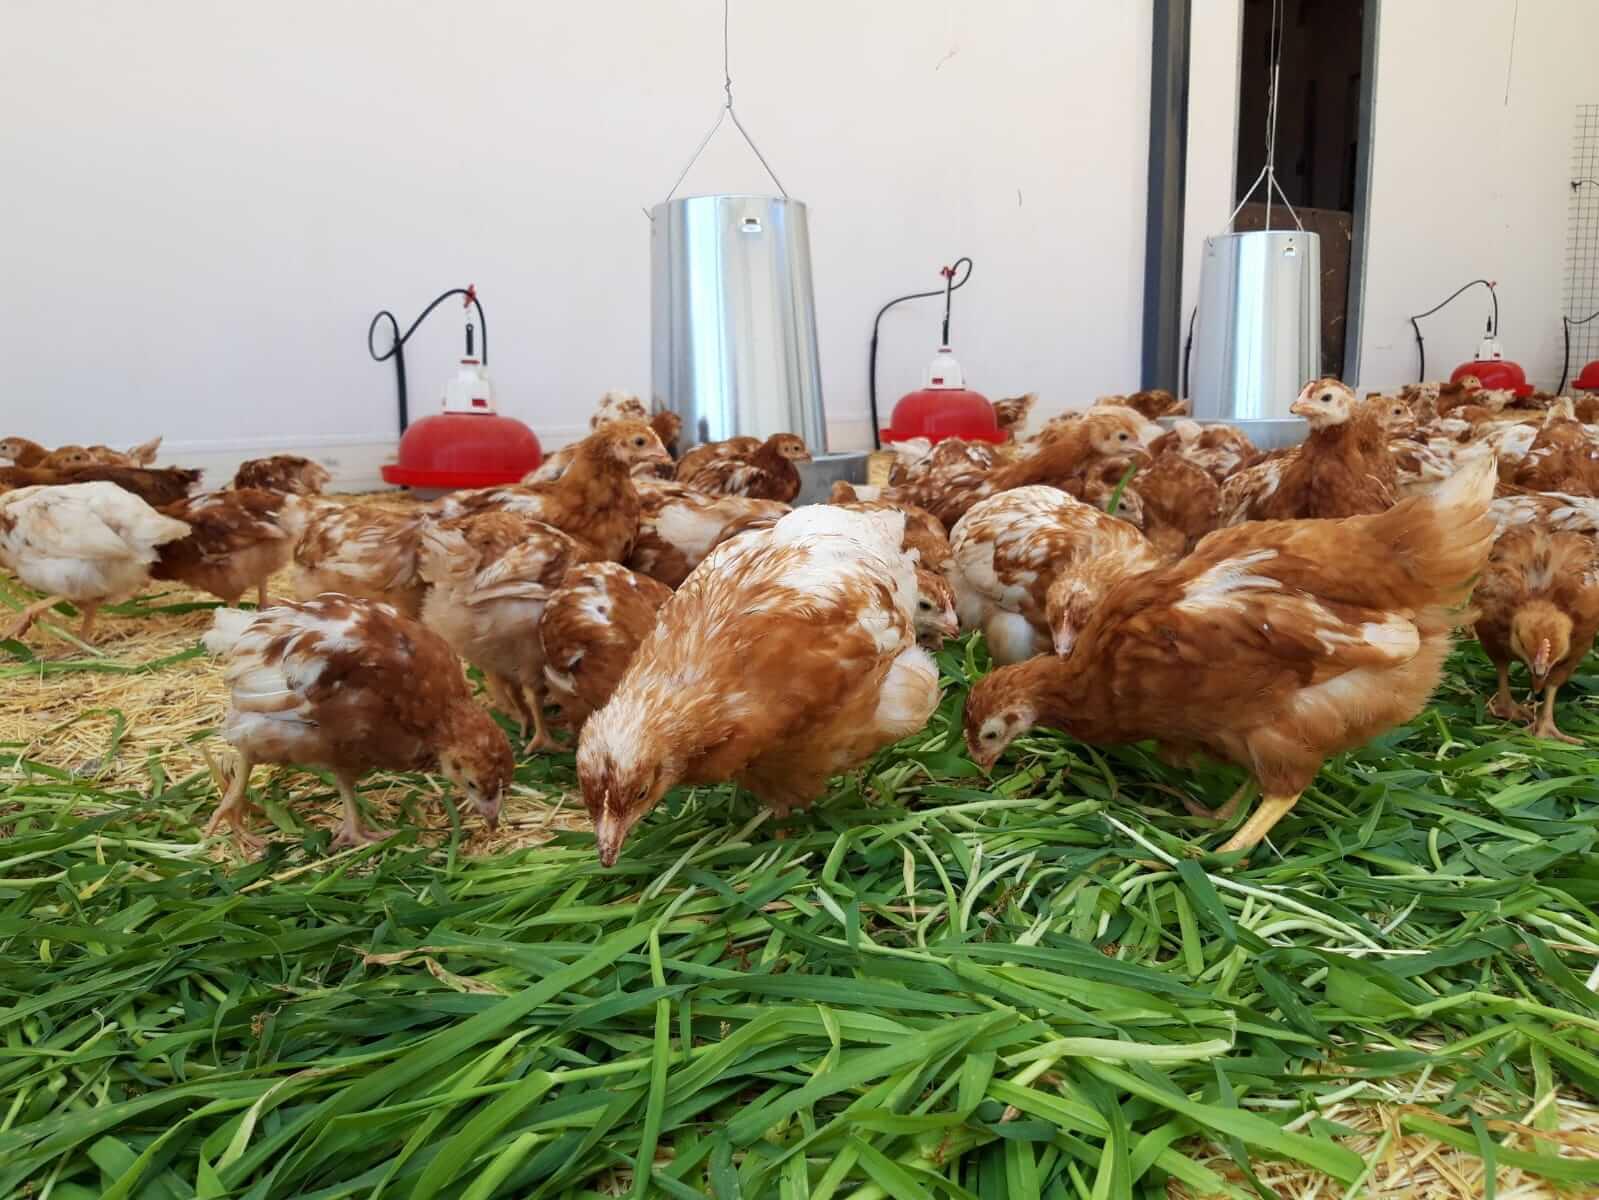 gallinas_comiendo_hierba_en_la_granja_ecologica_villada